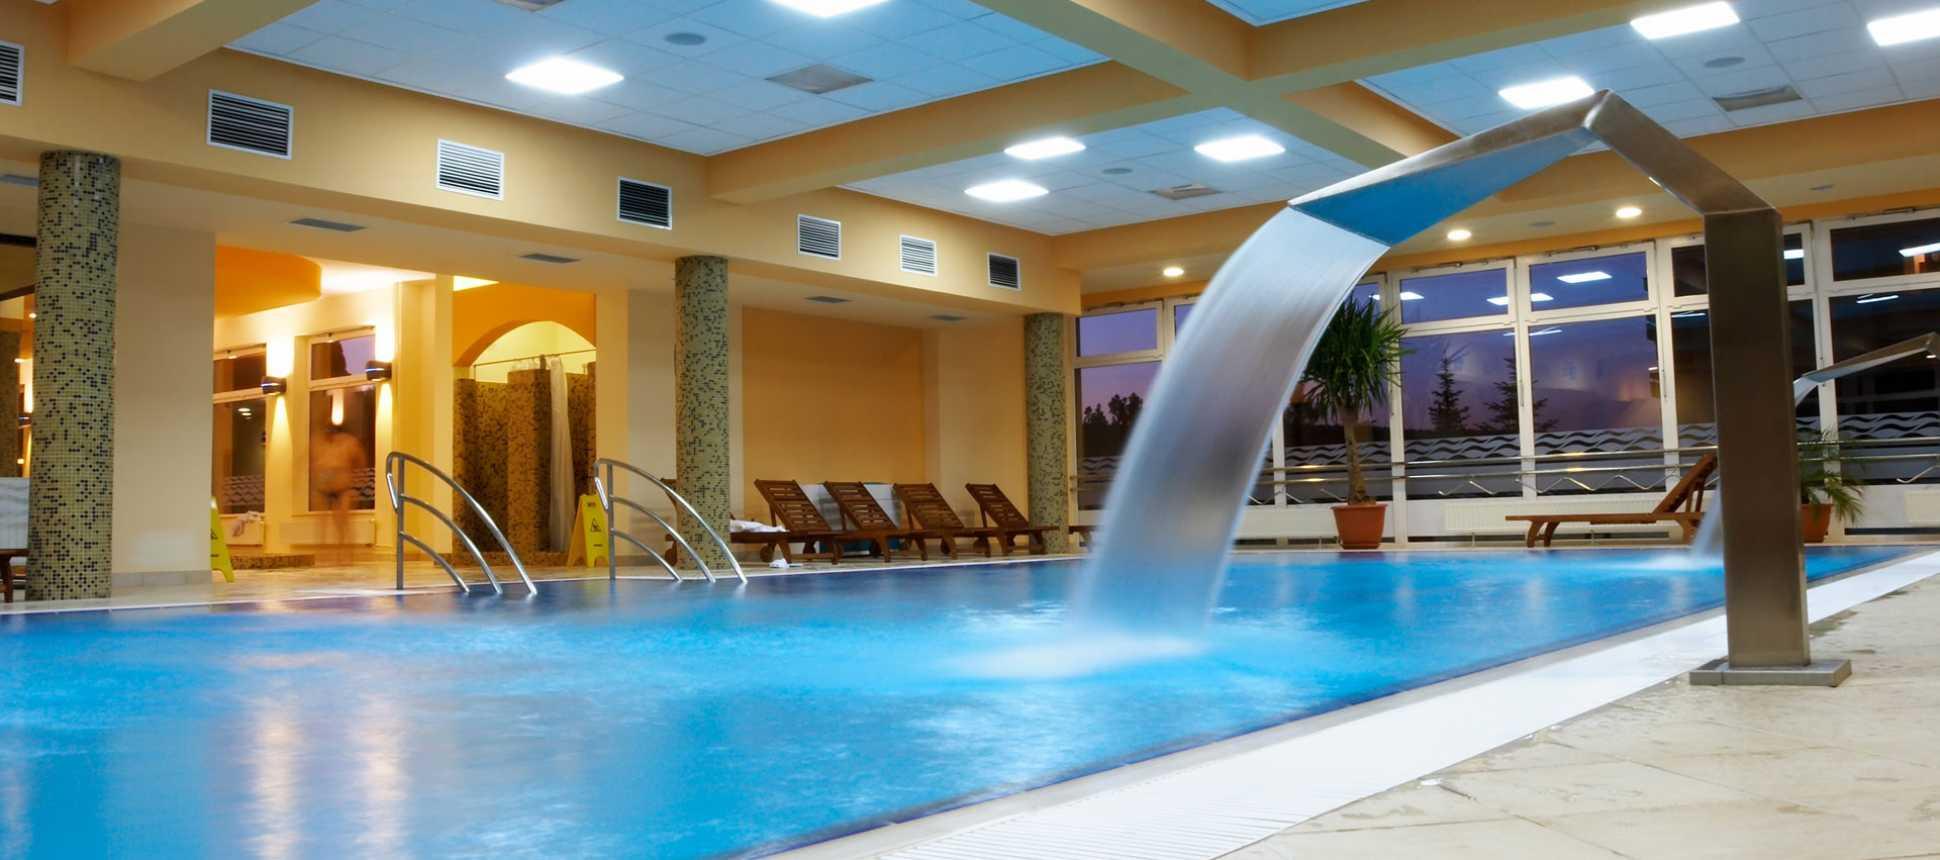 Öffentliches Schwimmbad Bau Sanierung Service